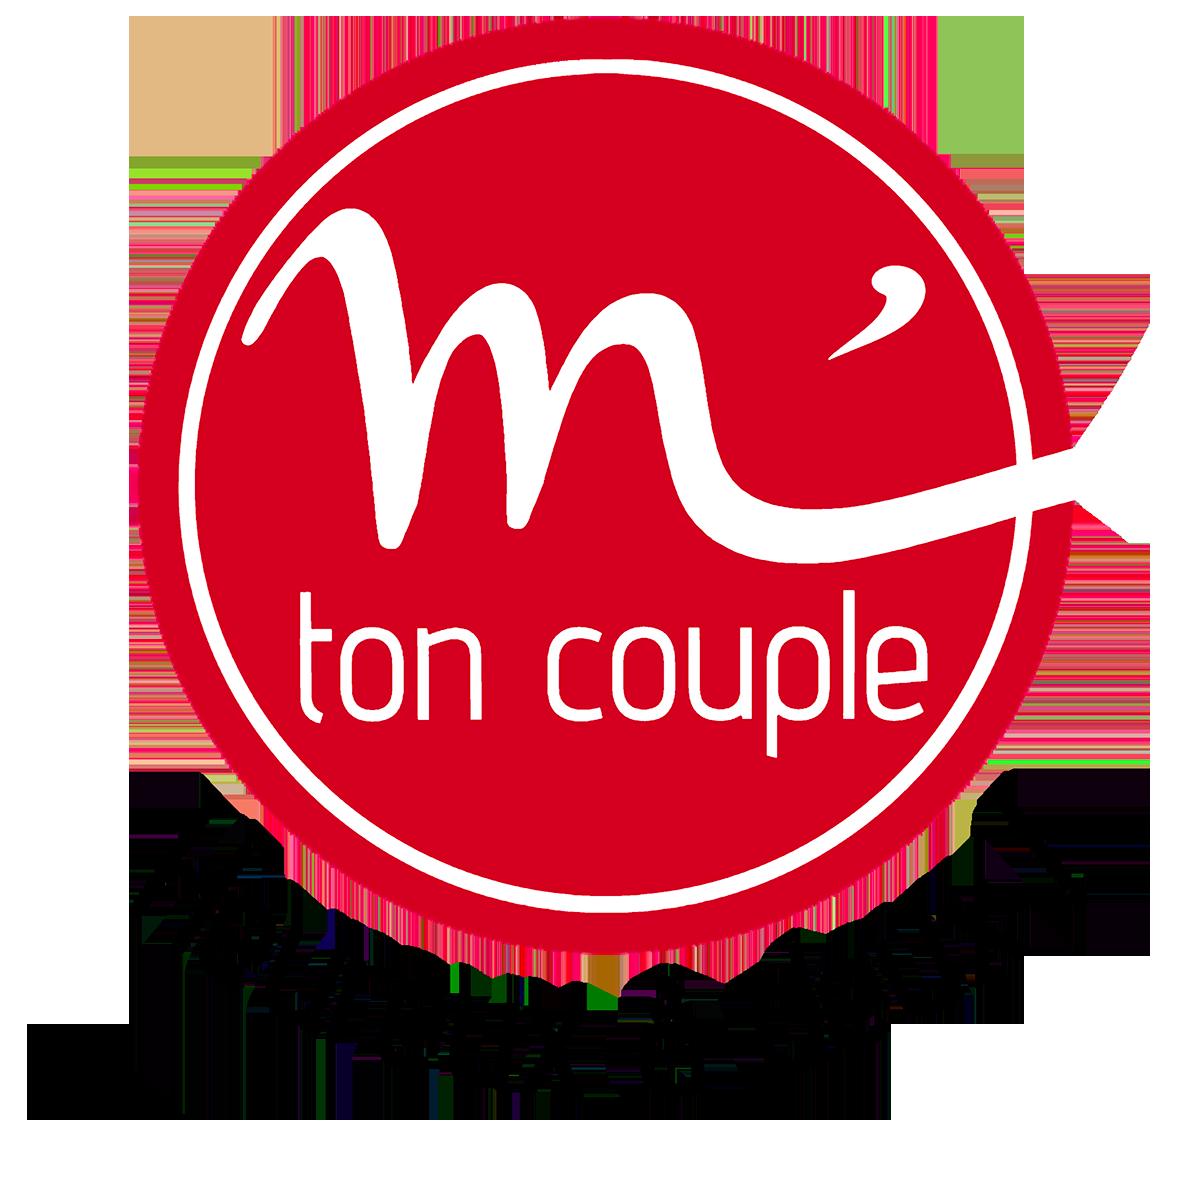 M'Toncouple